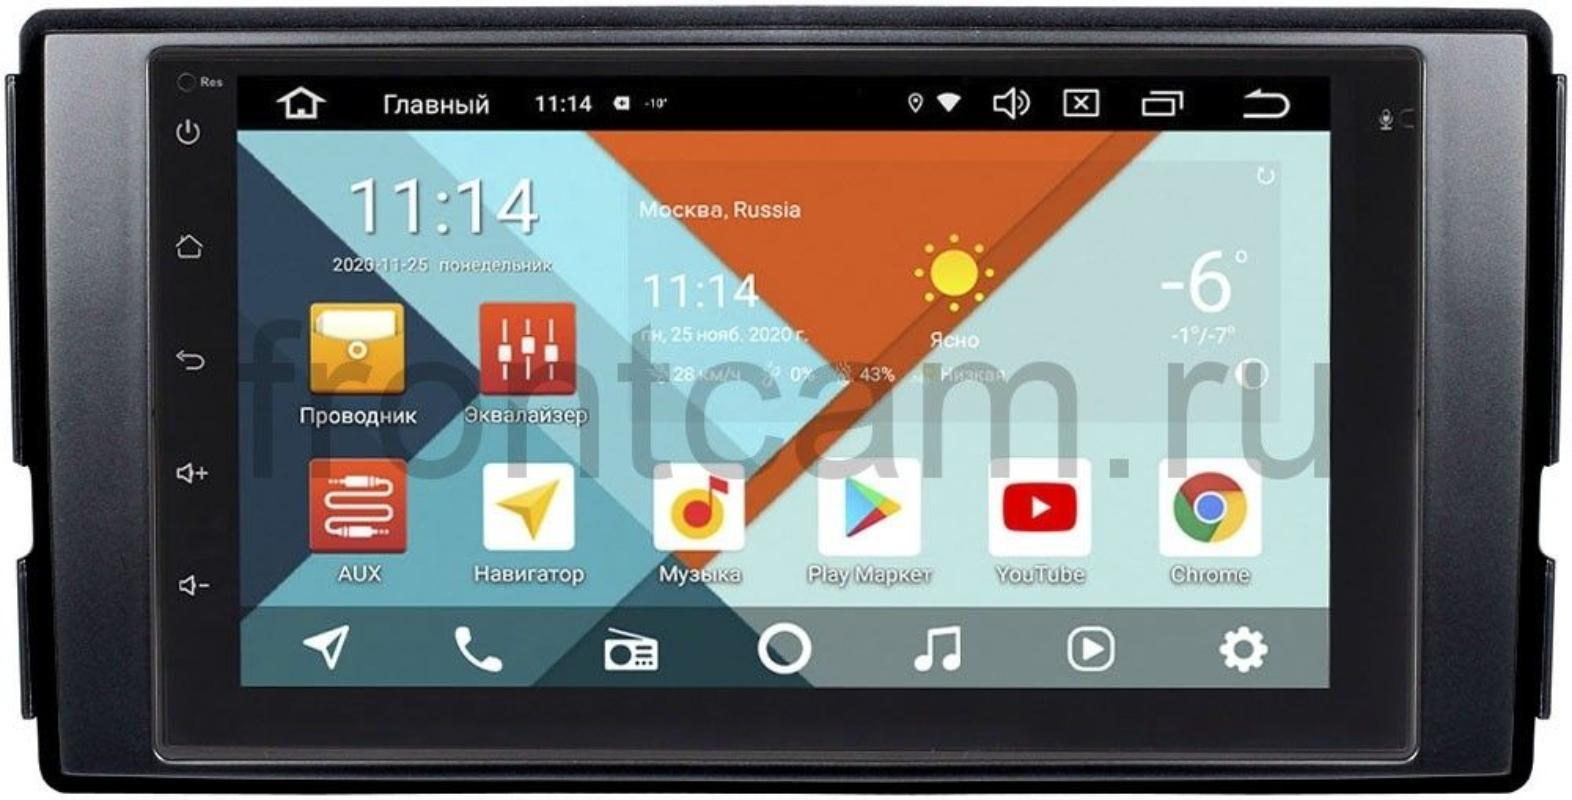 Магнитола для Hyundai Santa Fe II Wide Media KS7001QR-3/32-RP-HDSFB-183 на Android 10 (DSP CarPlay 4G-SIM) (+ Камера заднего вида в подарок!)